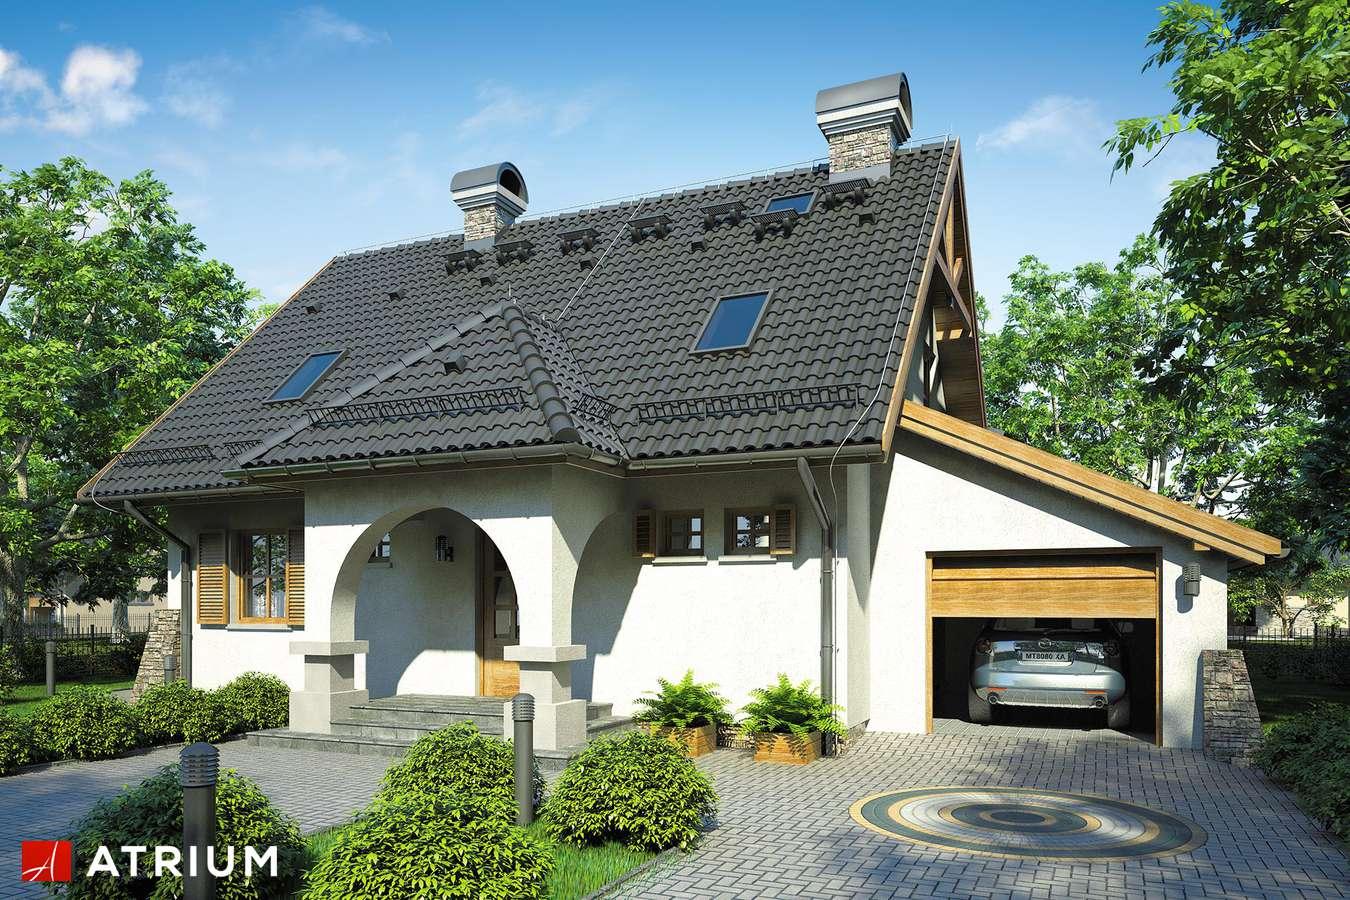 Projekty domów - Projekt domu z poddaszem BAJKOWA CHATA - wizualizacja 1 - wersja lustrzana